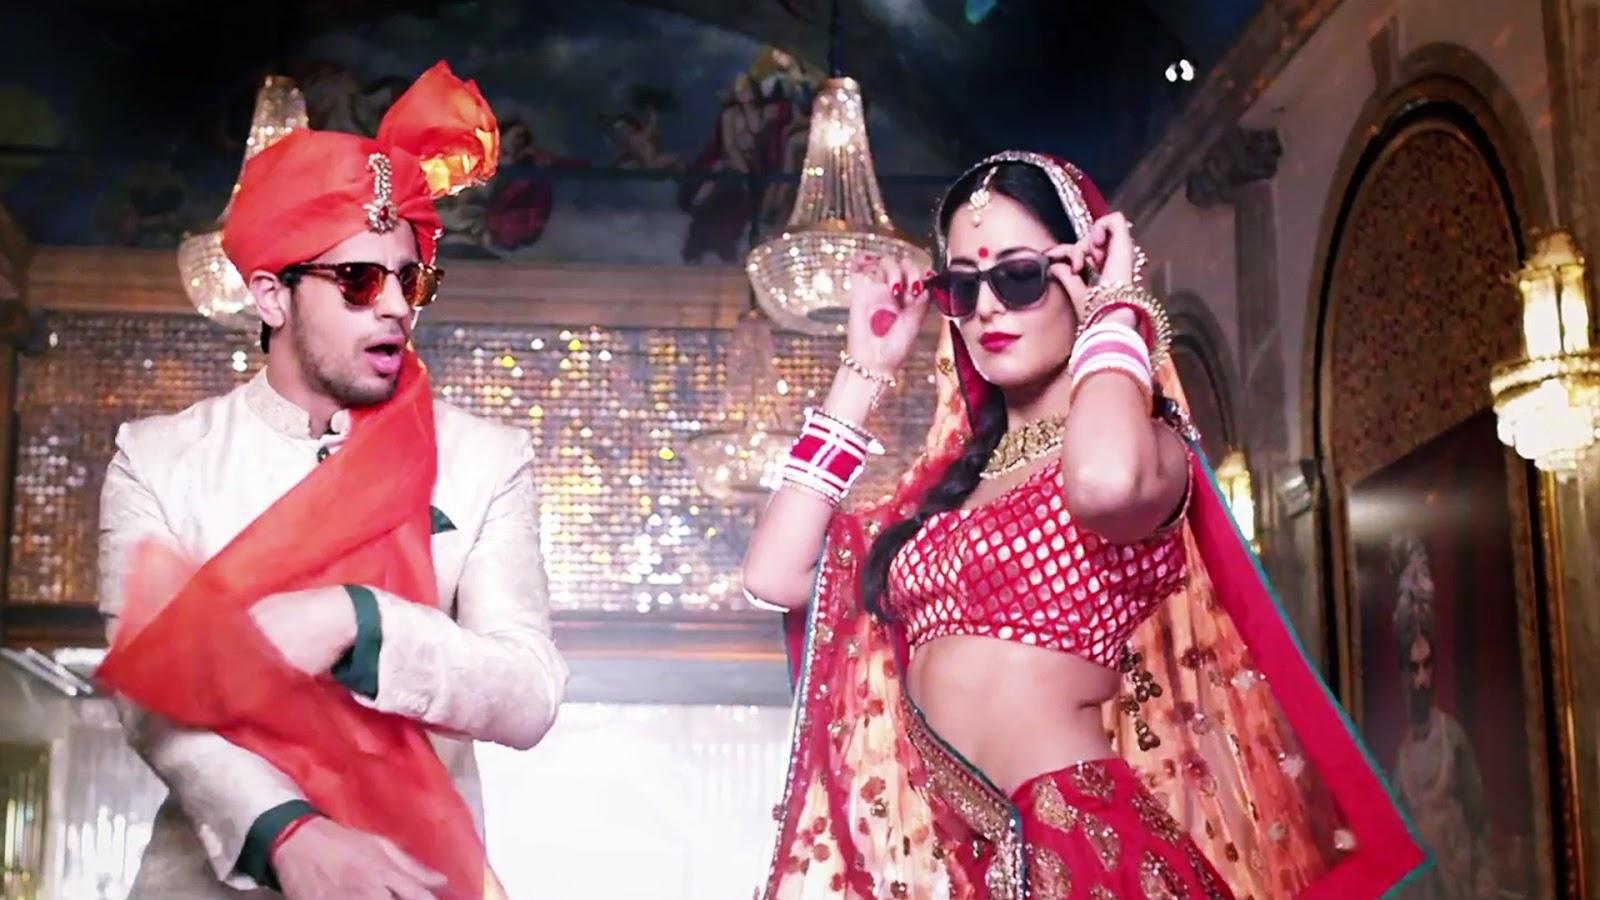 Baar Baar Dekho (2016) Movie Pics with Katrina Kaif and Sidharth